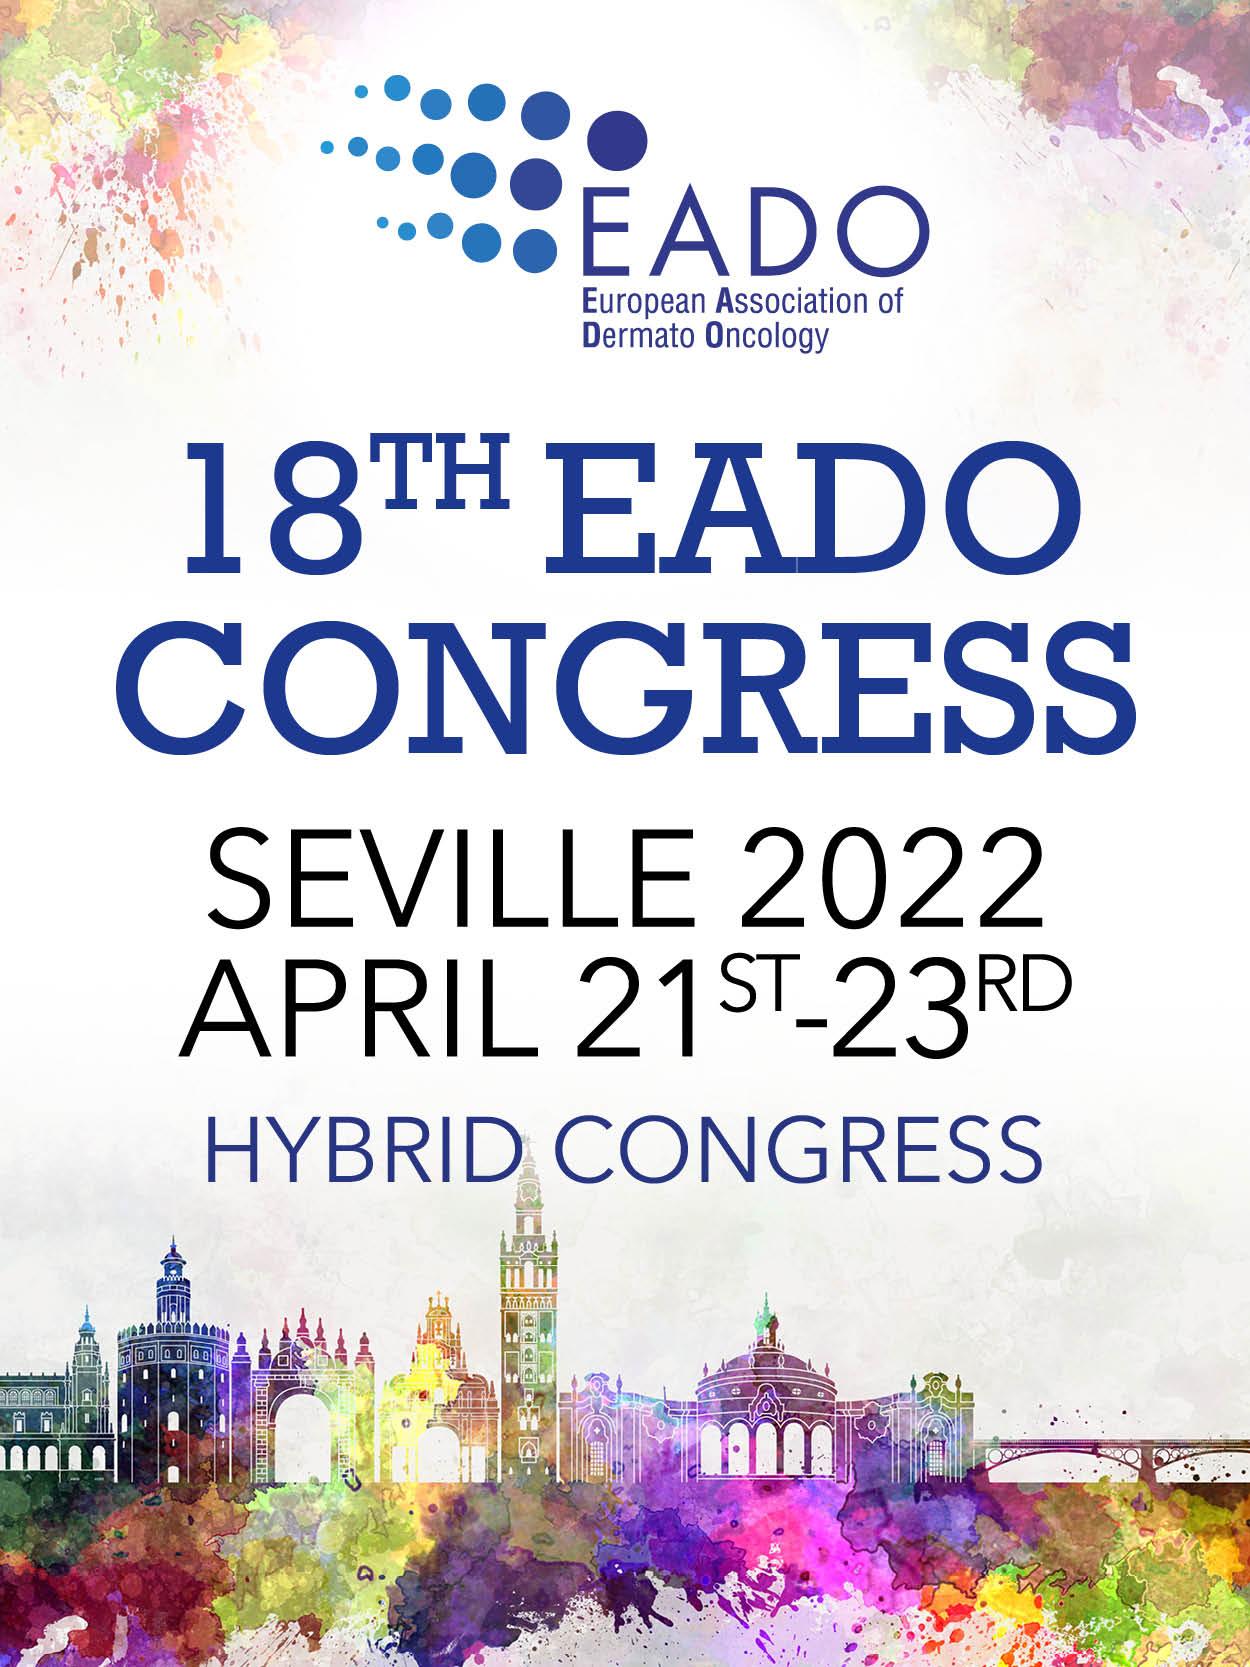 18th EADO Congress